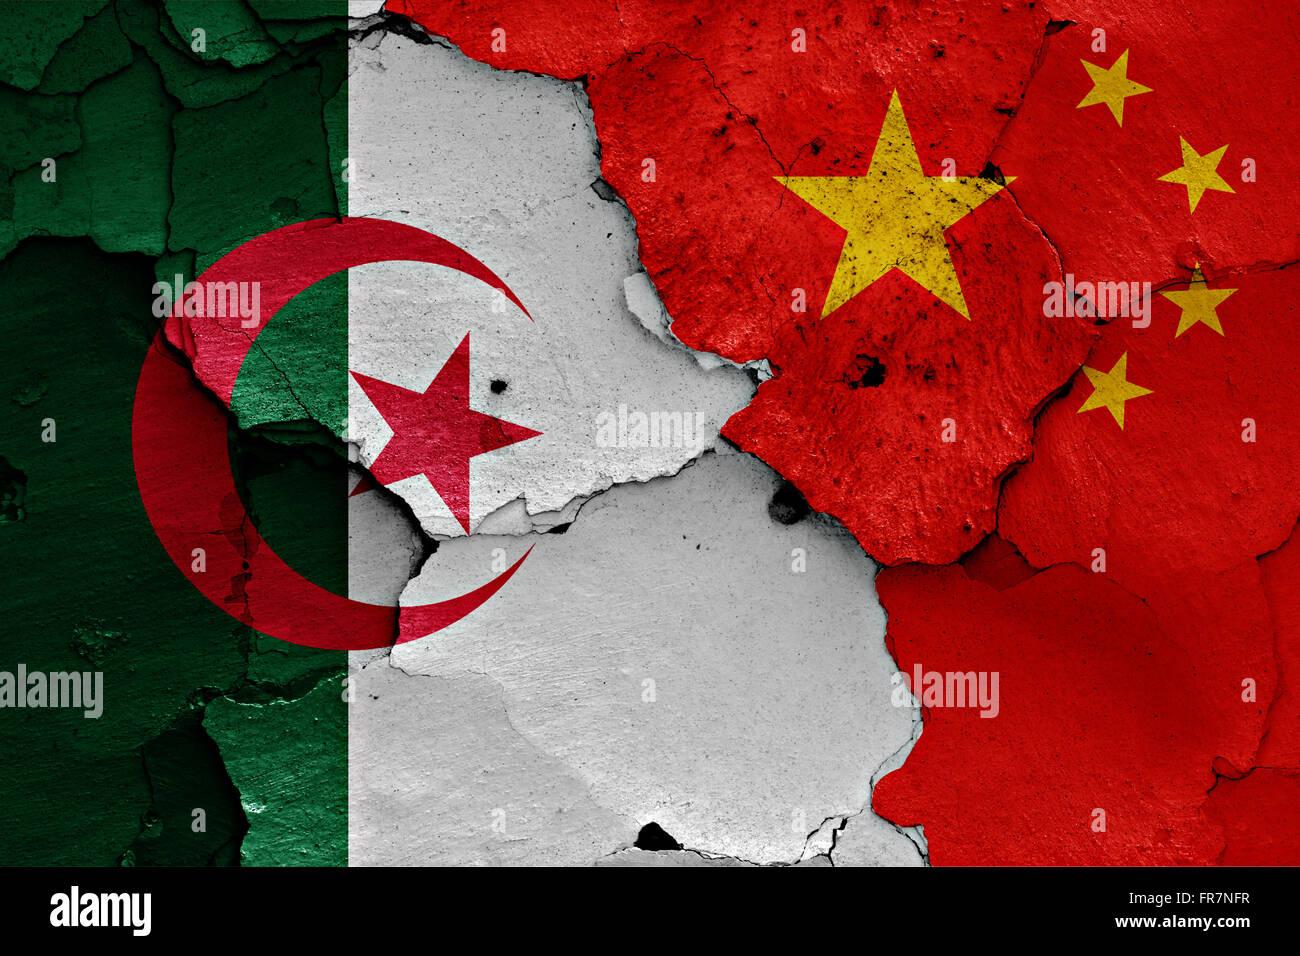 Drapeaux de l'Algérie et la Chine peint sur mur fissuré Photo Stock